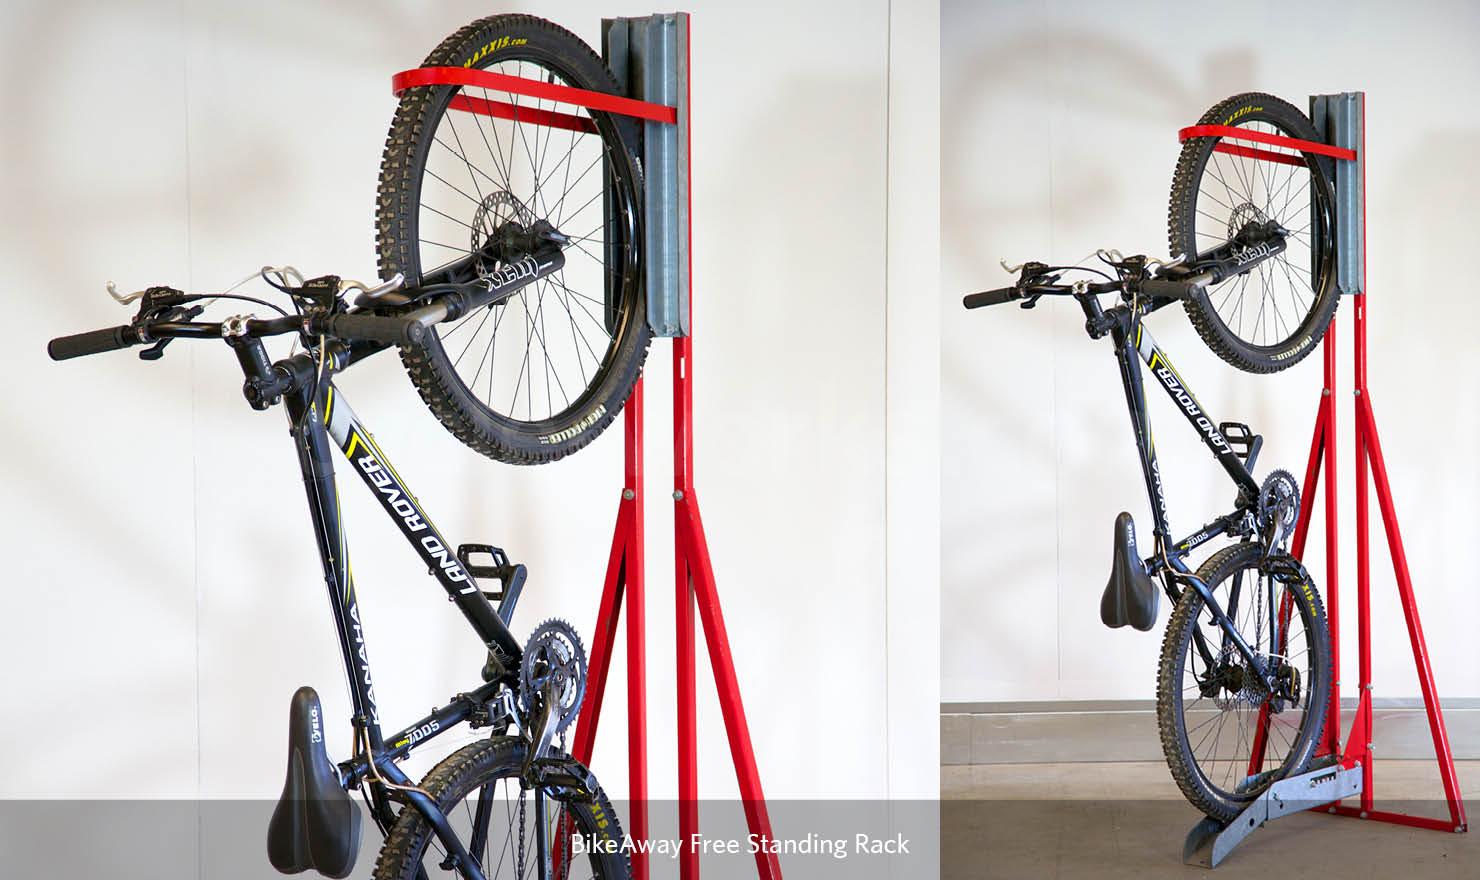 bikeaway free standing rack cycle works